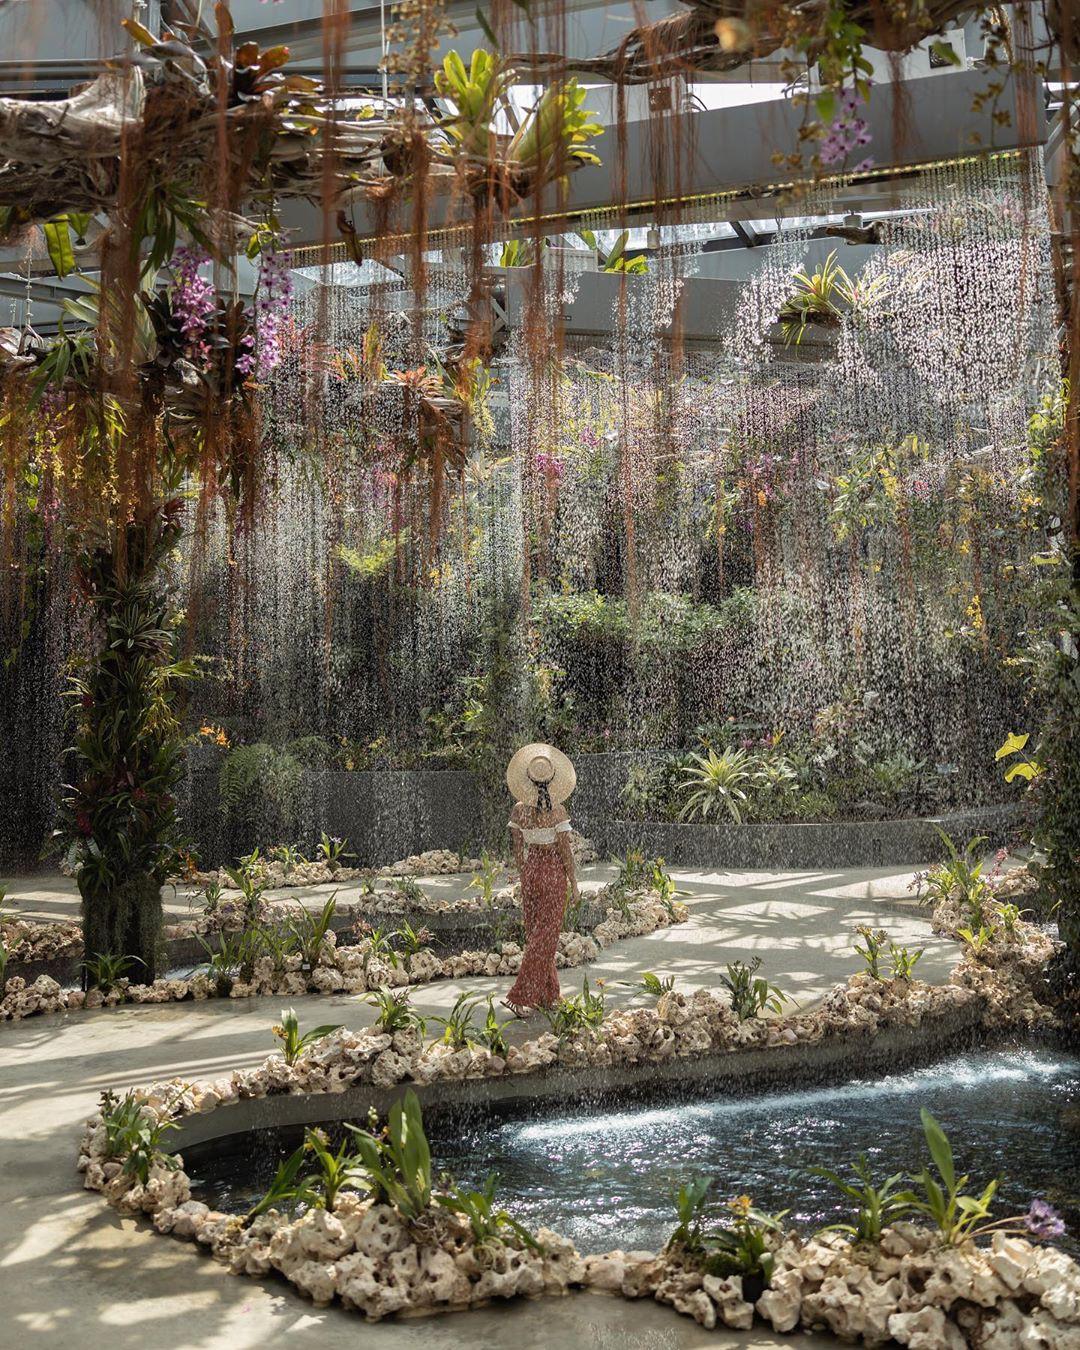 """Sau Jewel Changi, Singapore lại có thêm """"kỳ quan"""" vườn hoa treo khổng lồ khiến dân tình phải ngước lên """"mỏi cả cổ"""" để ngắm nhìn - Ảnh 9."""